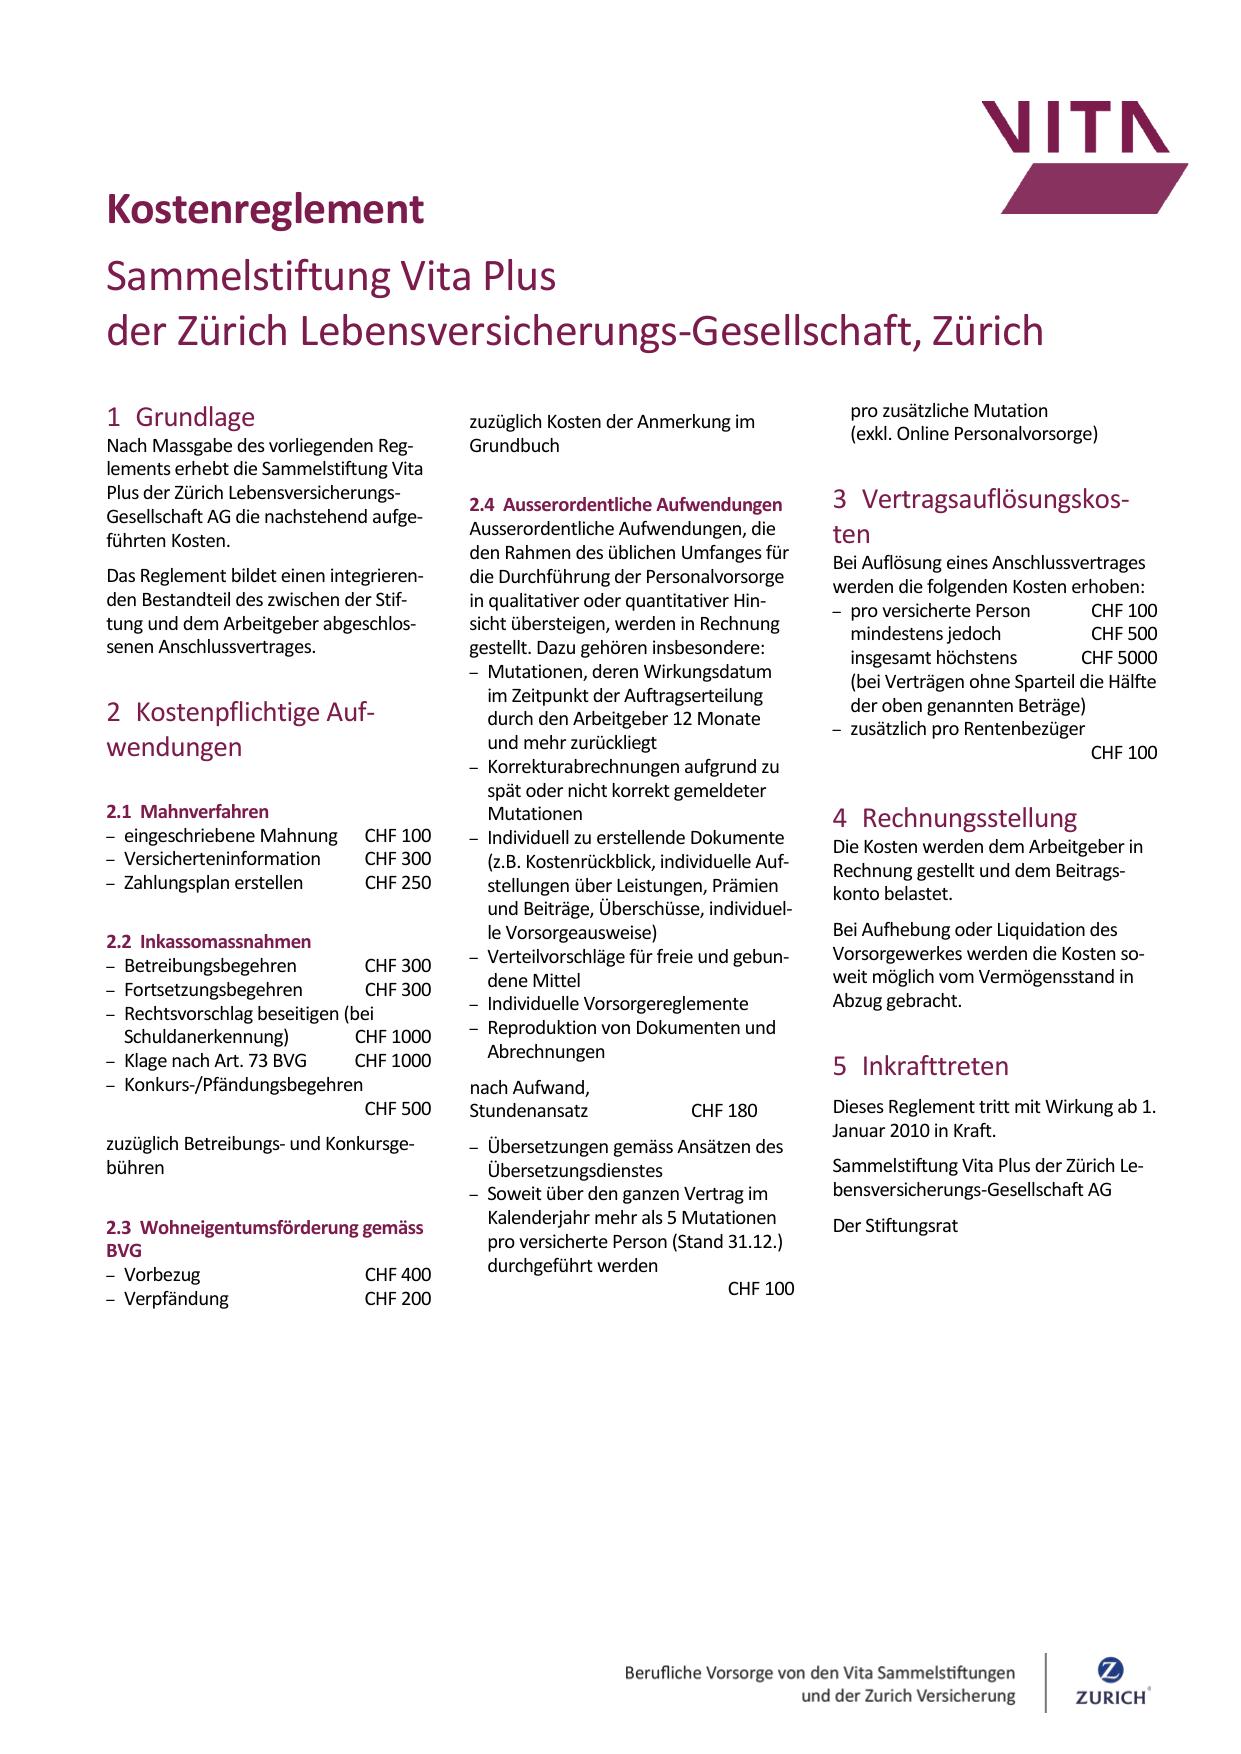 Kostenreglement Sammelstiftung Vita Plus Der Zürich